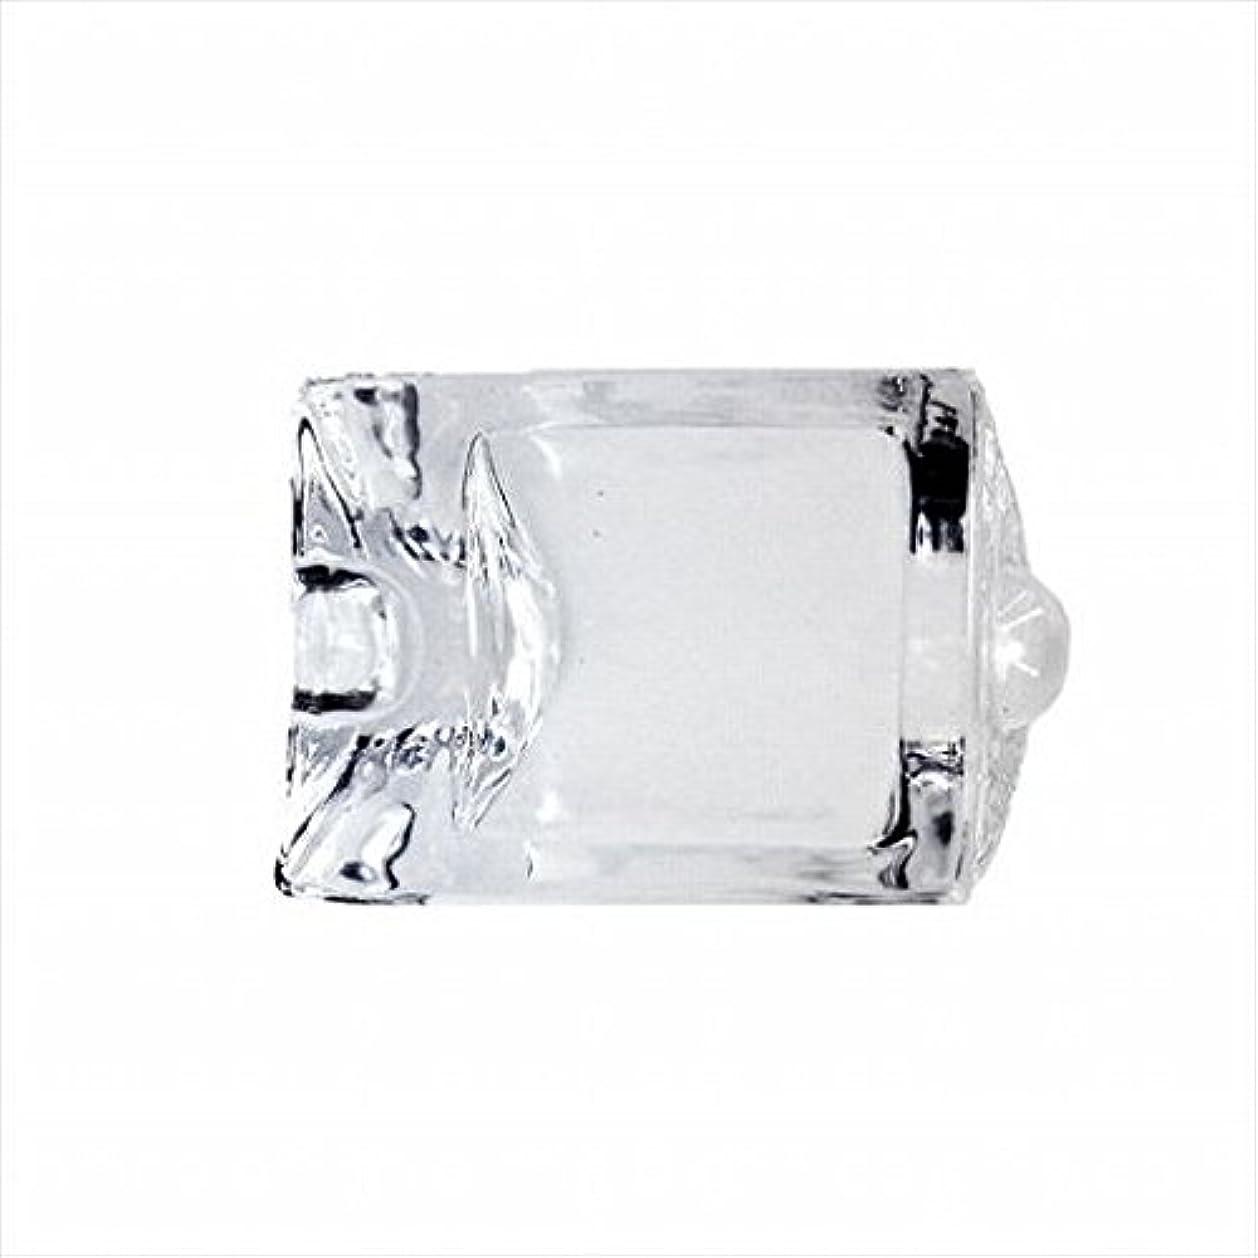 憂鬱な超音速邪魔kameyama candle(カメヤマキャンドル) エンジェルアイジョイント 「 Cホワイト 」 キャンドル 47x28x67mm (I8000104W)